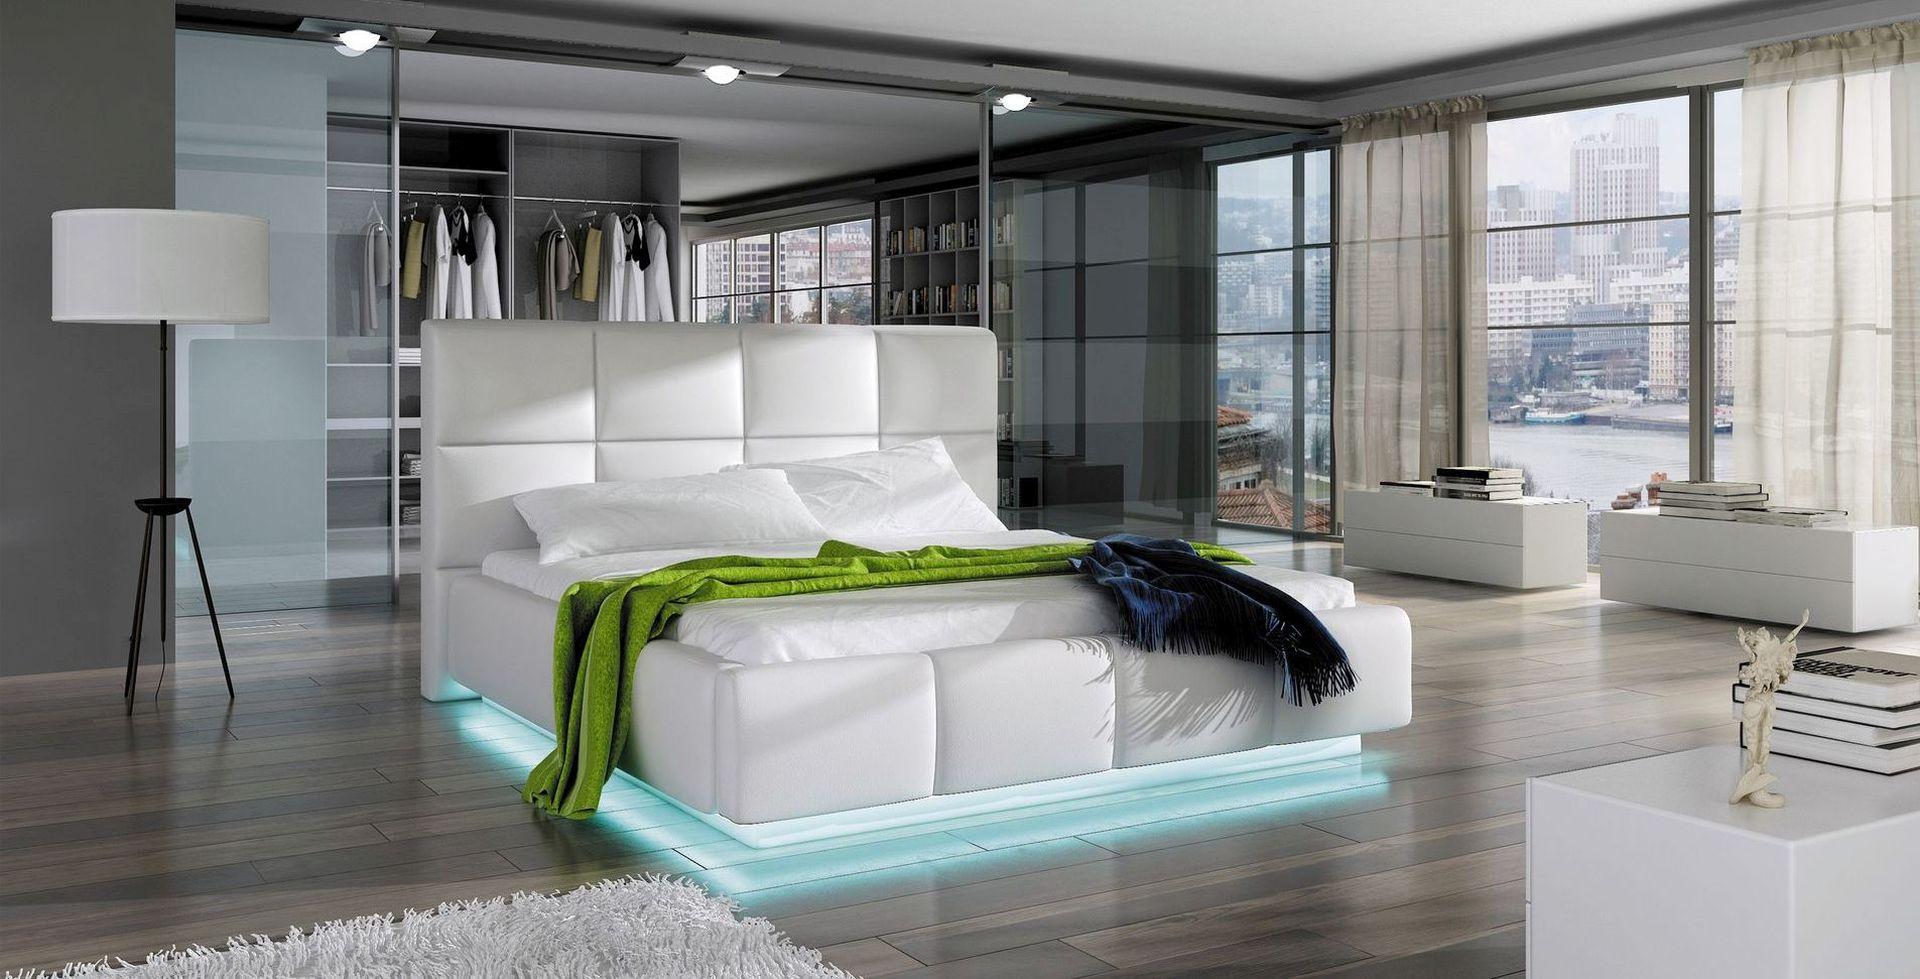 Wersal Manželská posteľ Asti rozmer: 140 x 200 cm